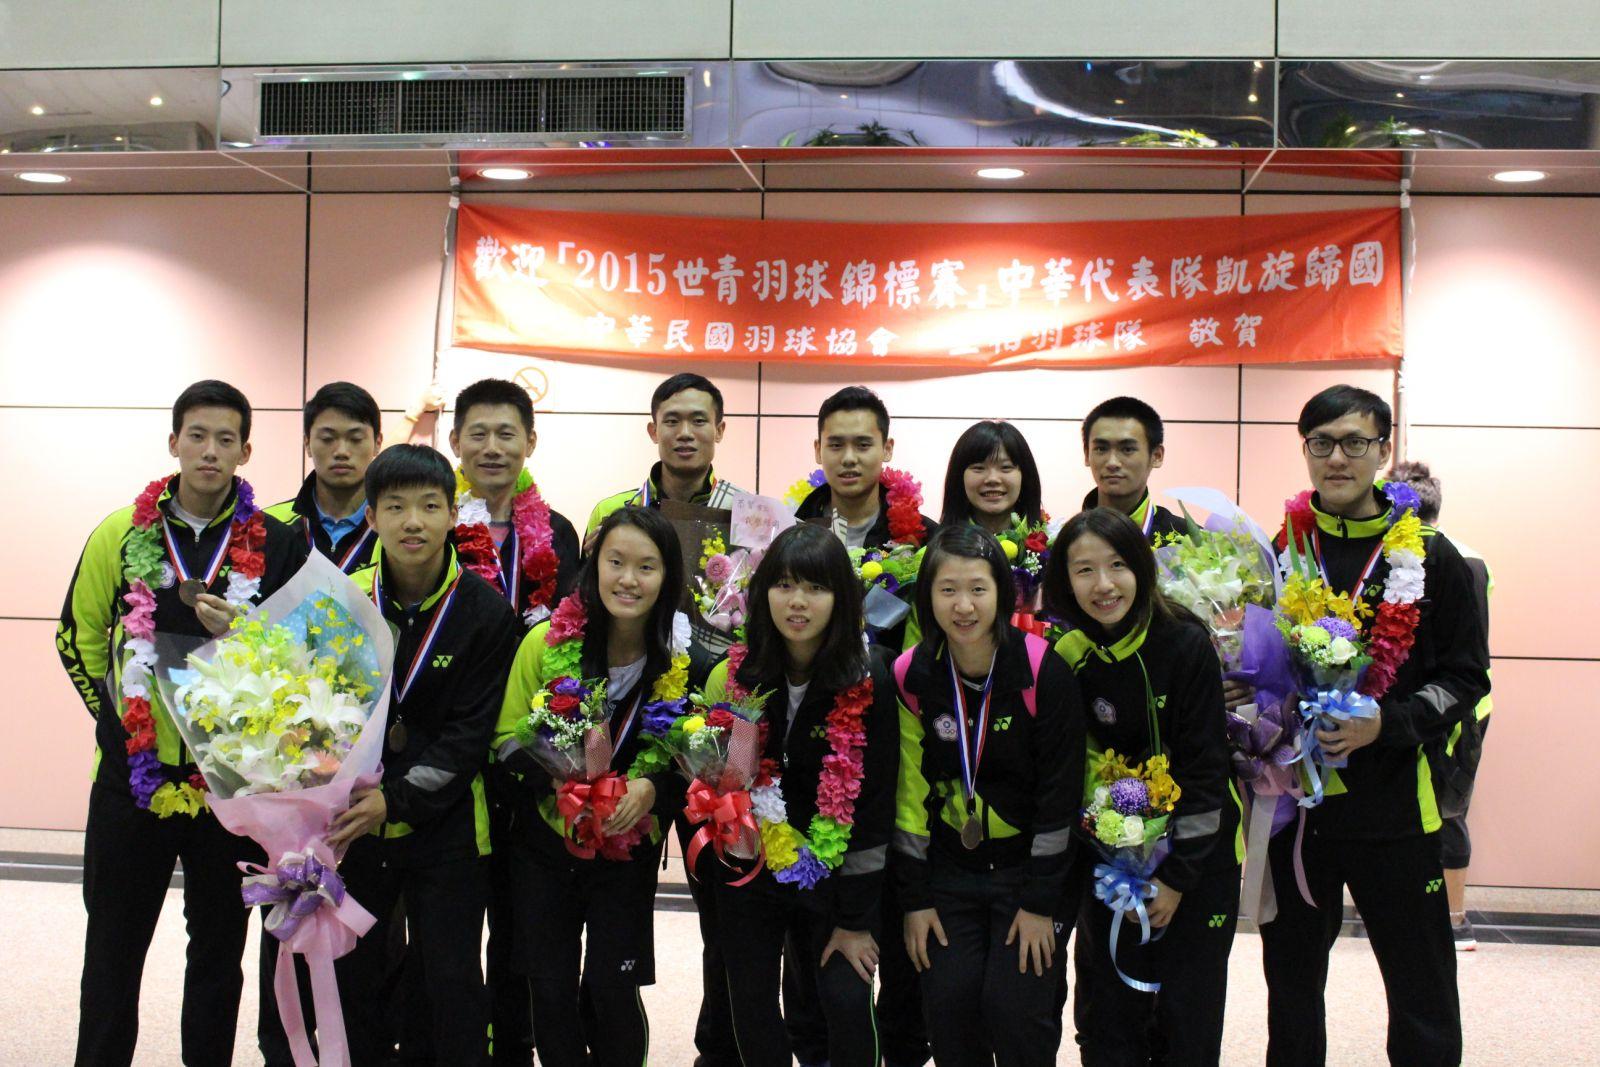 台灣羽隊19日清晨5時返抵國門,受到朋友、家人的熱烈迎接(中華羽協提供)